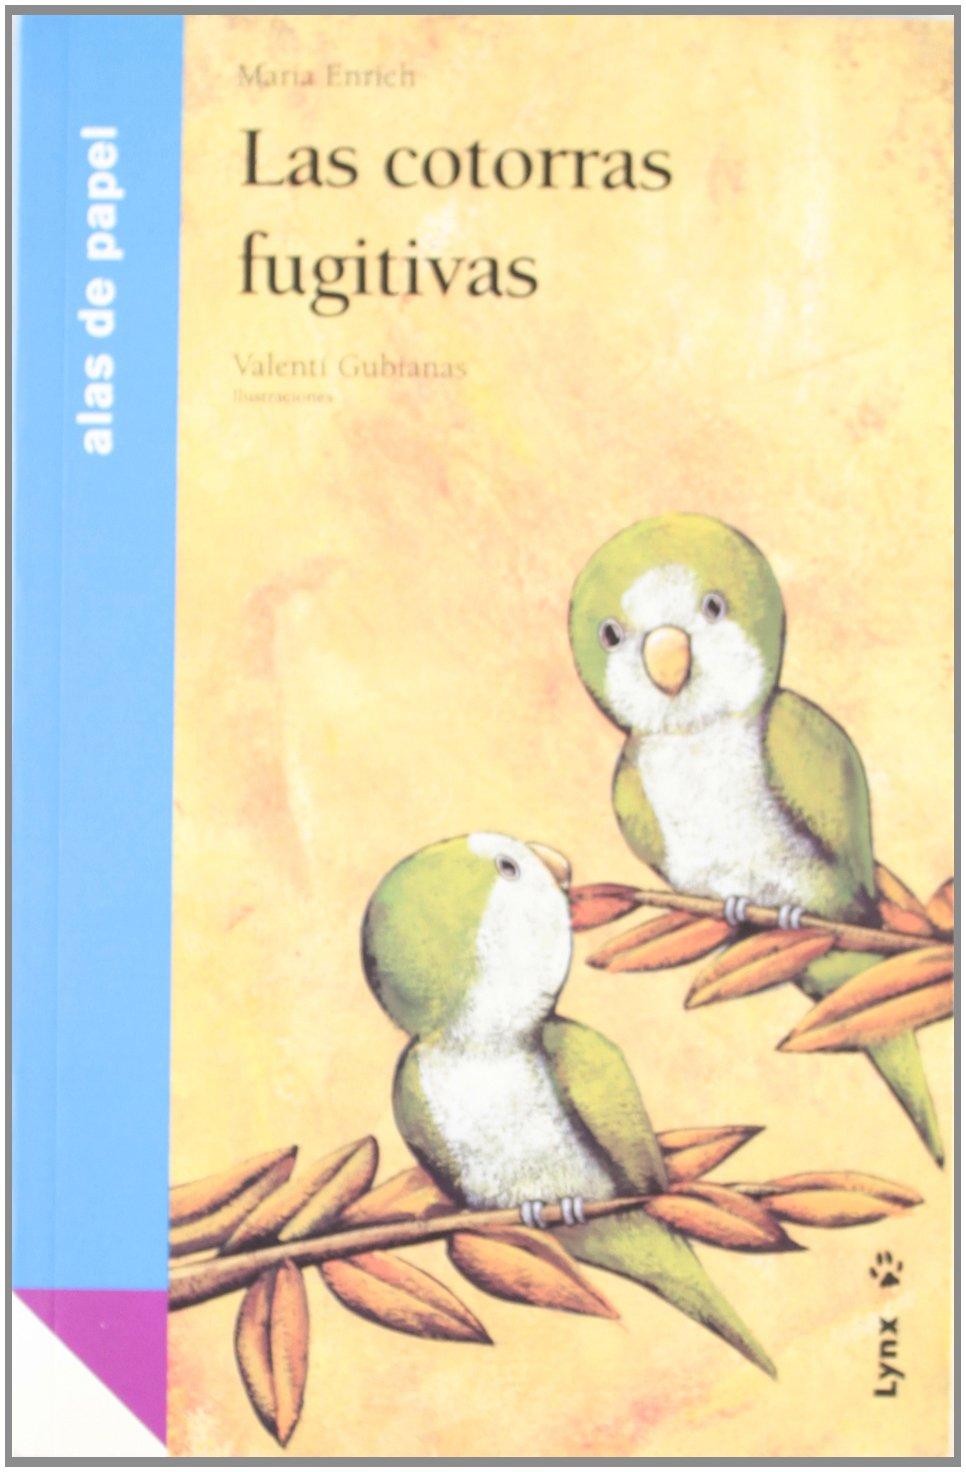 Las cotorras fugitivas (Alas de papel): Amazon.es: Maria Enrich ...